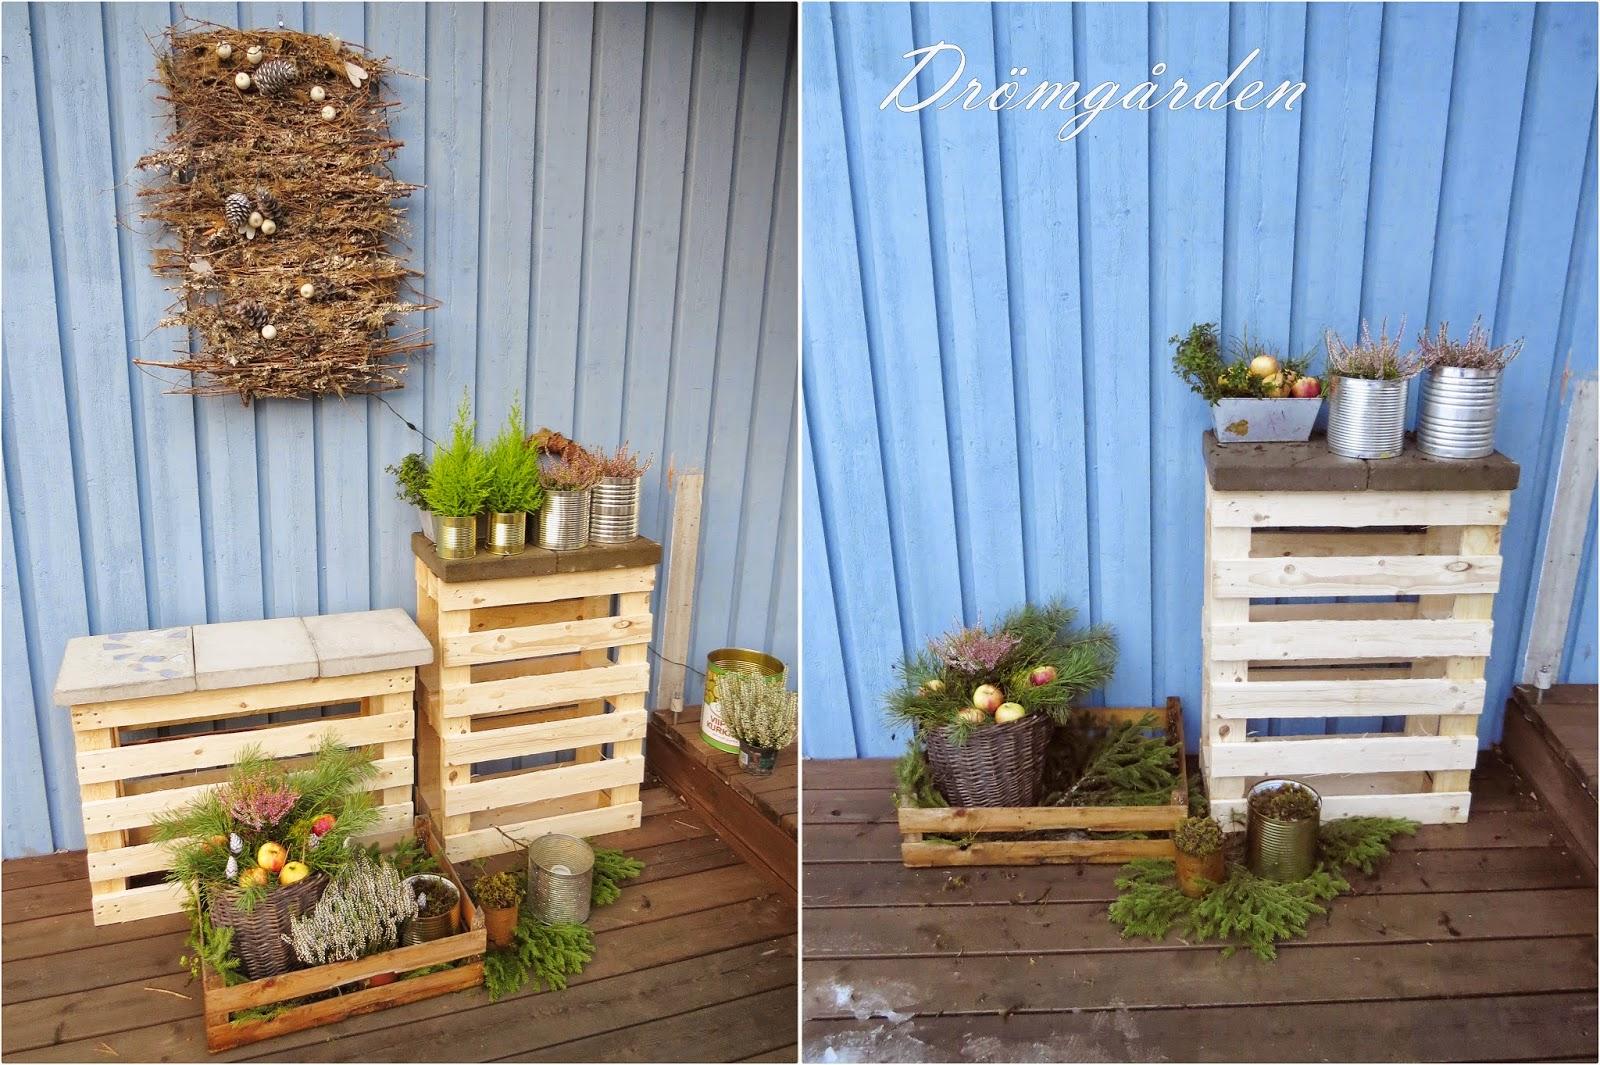 Drömgården: mera lastpallar, konservburkar och naturmaterial!